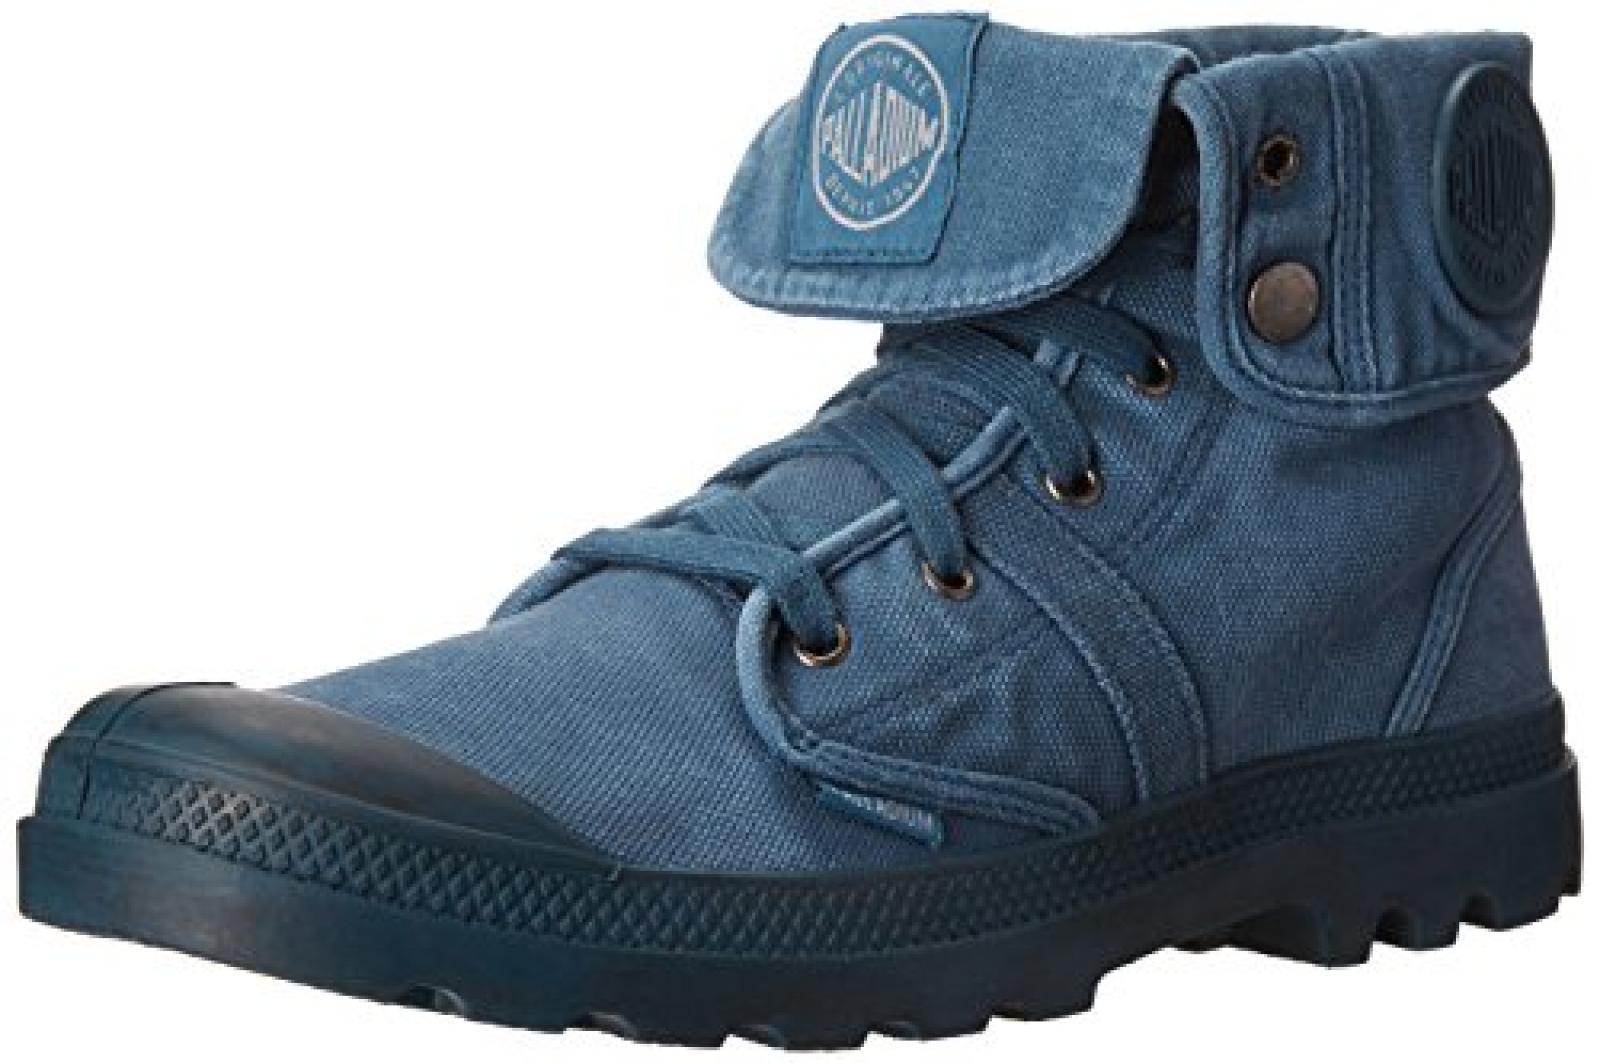 Palladium PALLABROUSE BAGGY Herren Desert Boots